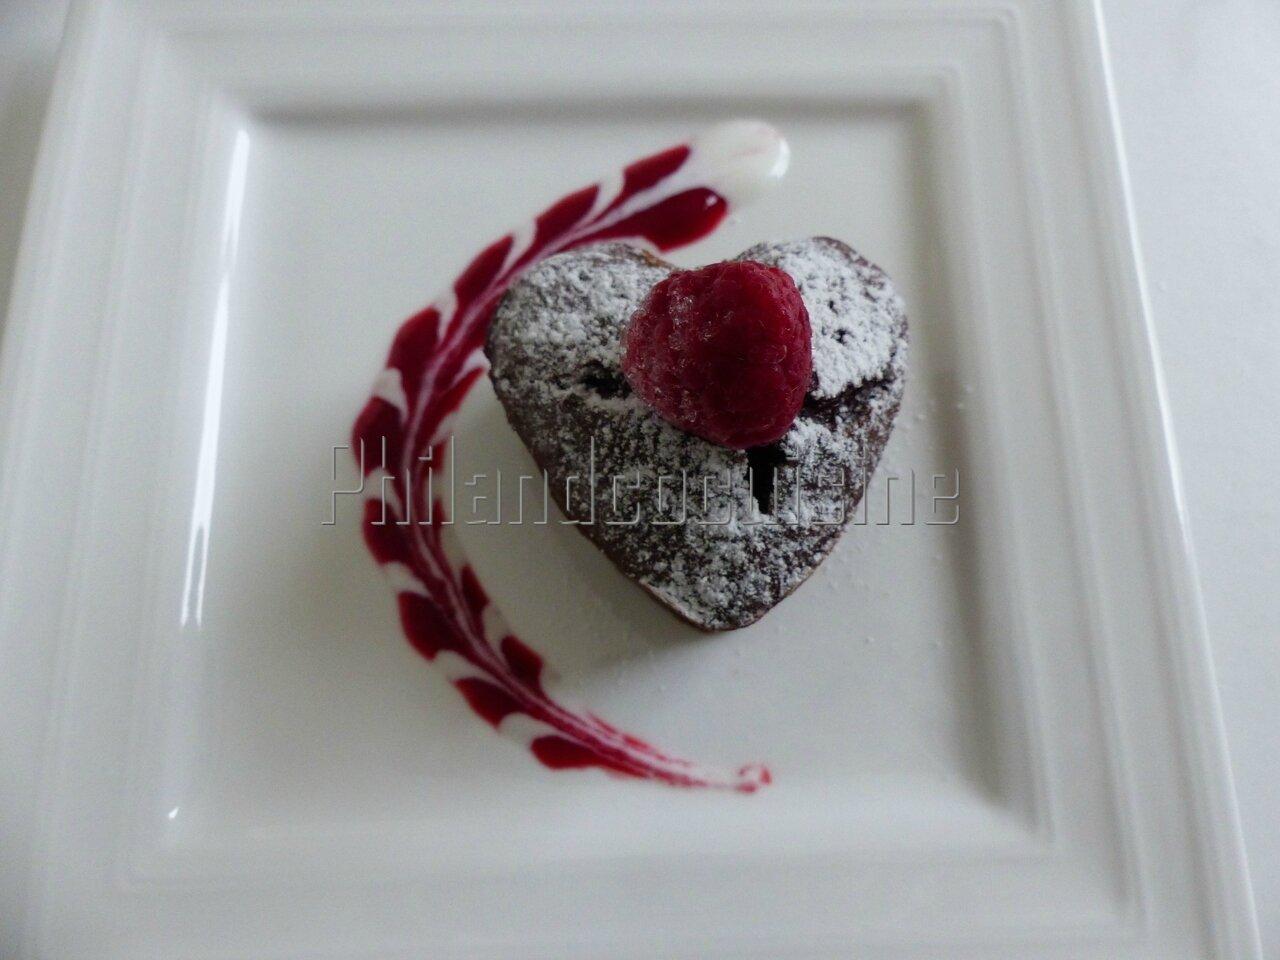 Cœur fondant chocolat framboise à la compote de pomme ou comment se faire plaisir sans gluten, sans beurre et sans sucre